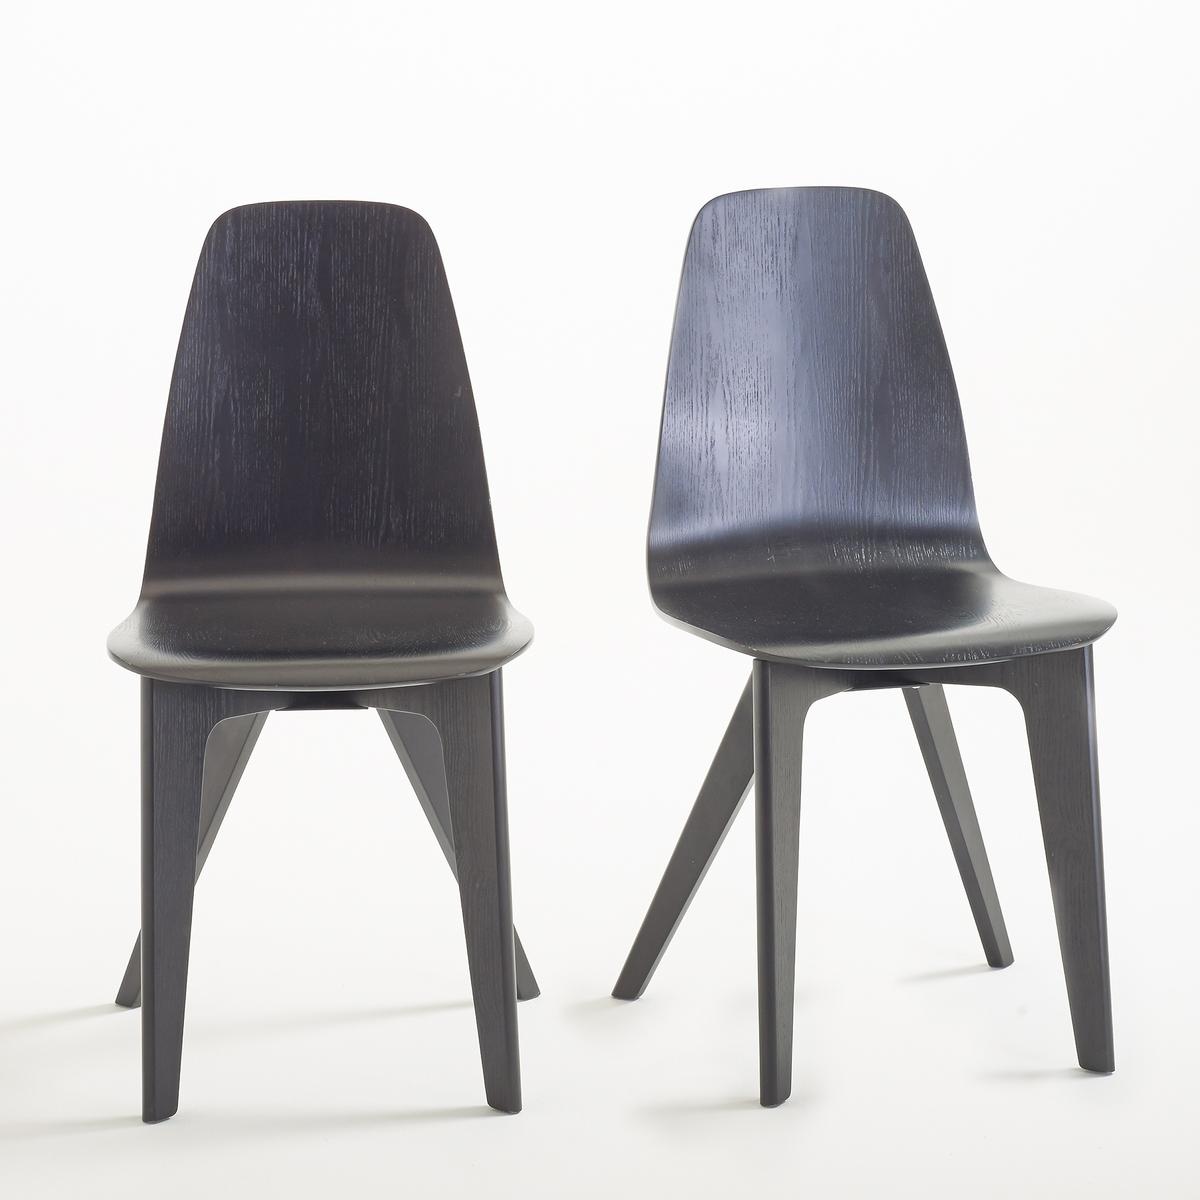 2 дизайнерских стула Biface.